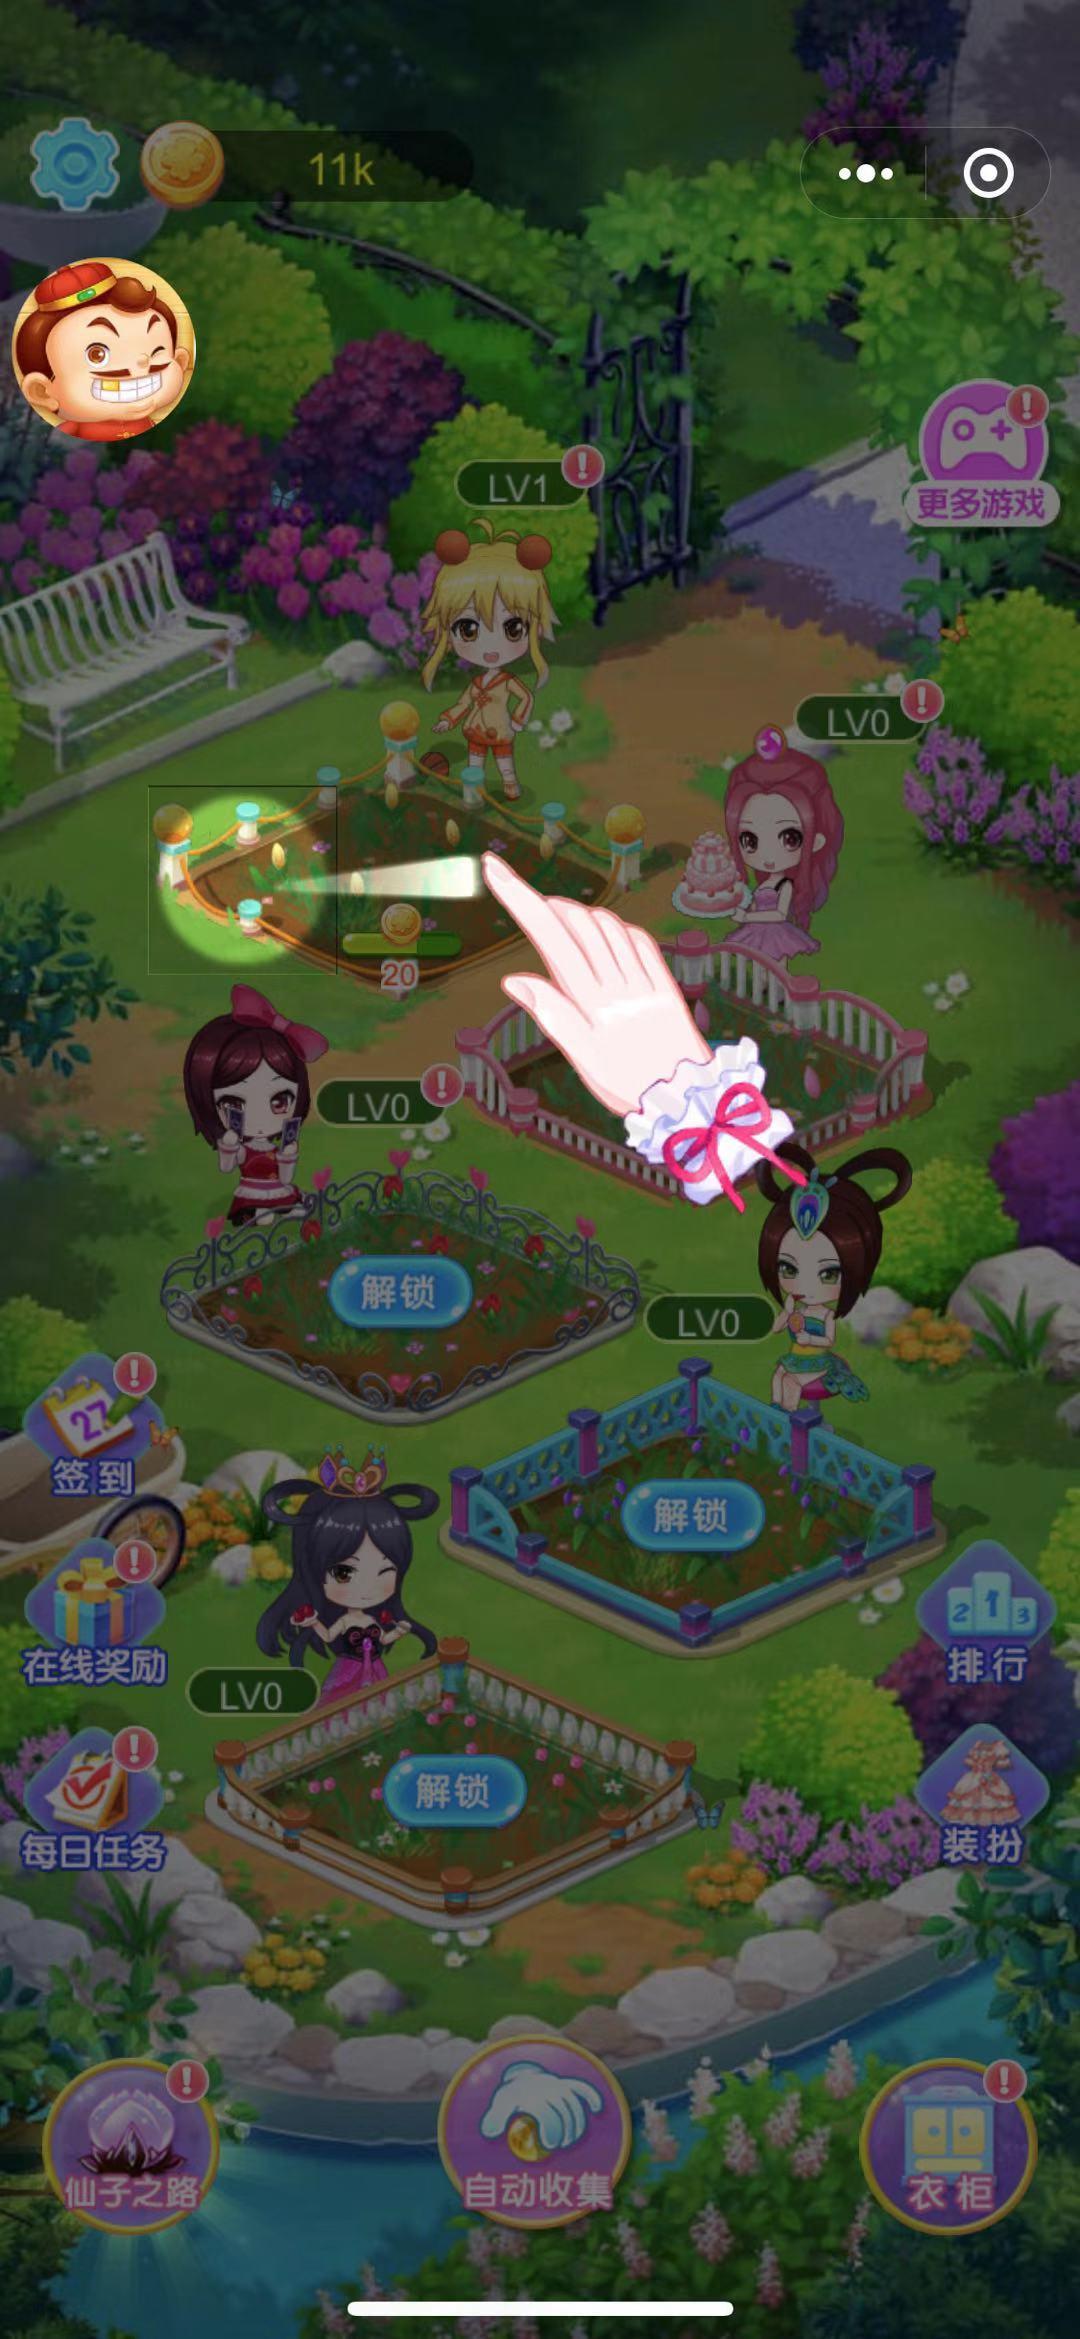 叶罗丽精灵世界游戏图2